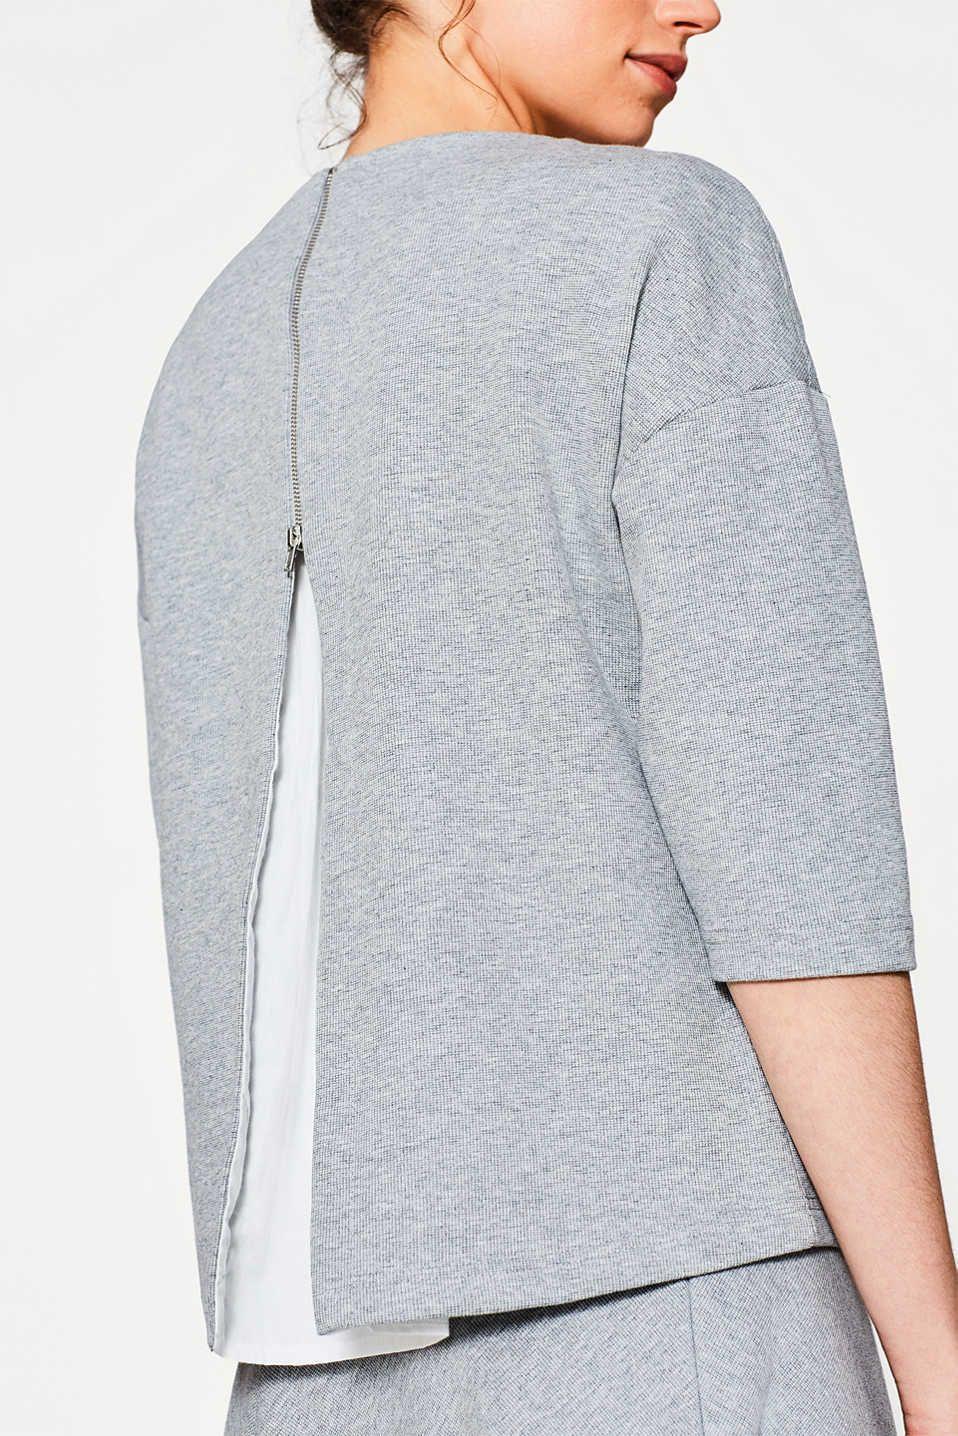 ccb9bec2 Gepflegtes Sweatshirt mit Layer-Effekt | ESPRIT | Girls Fashion ...